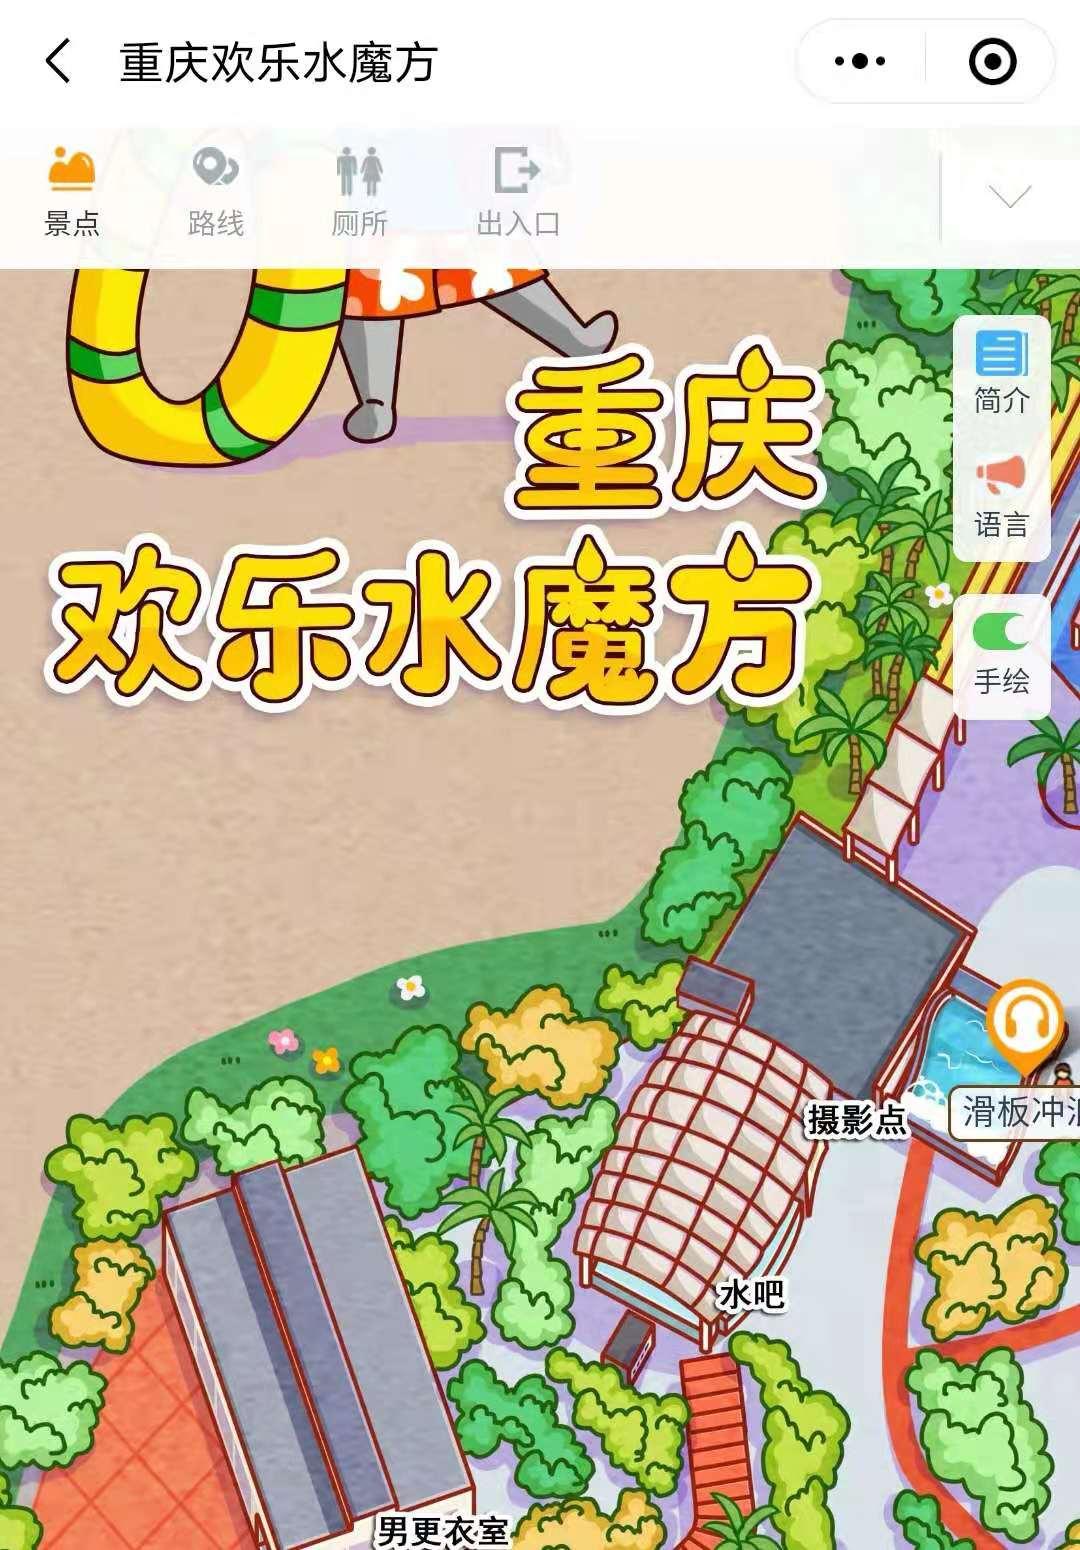 2021年重庆欢乐水魔方手绘地图,电子导览,语音讲解系统上线.jpg